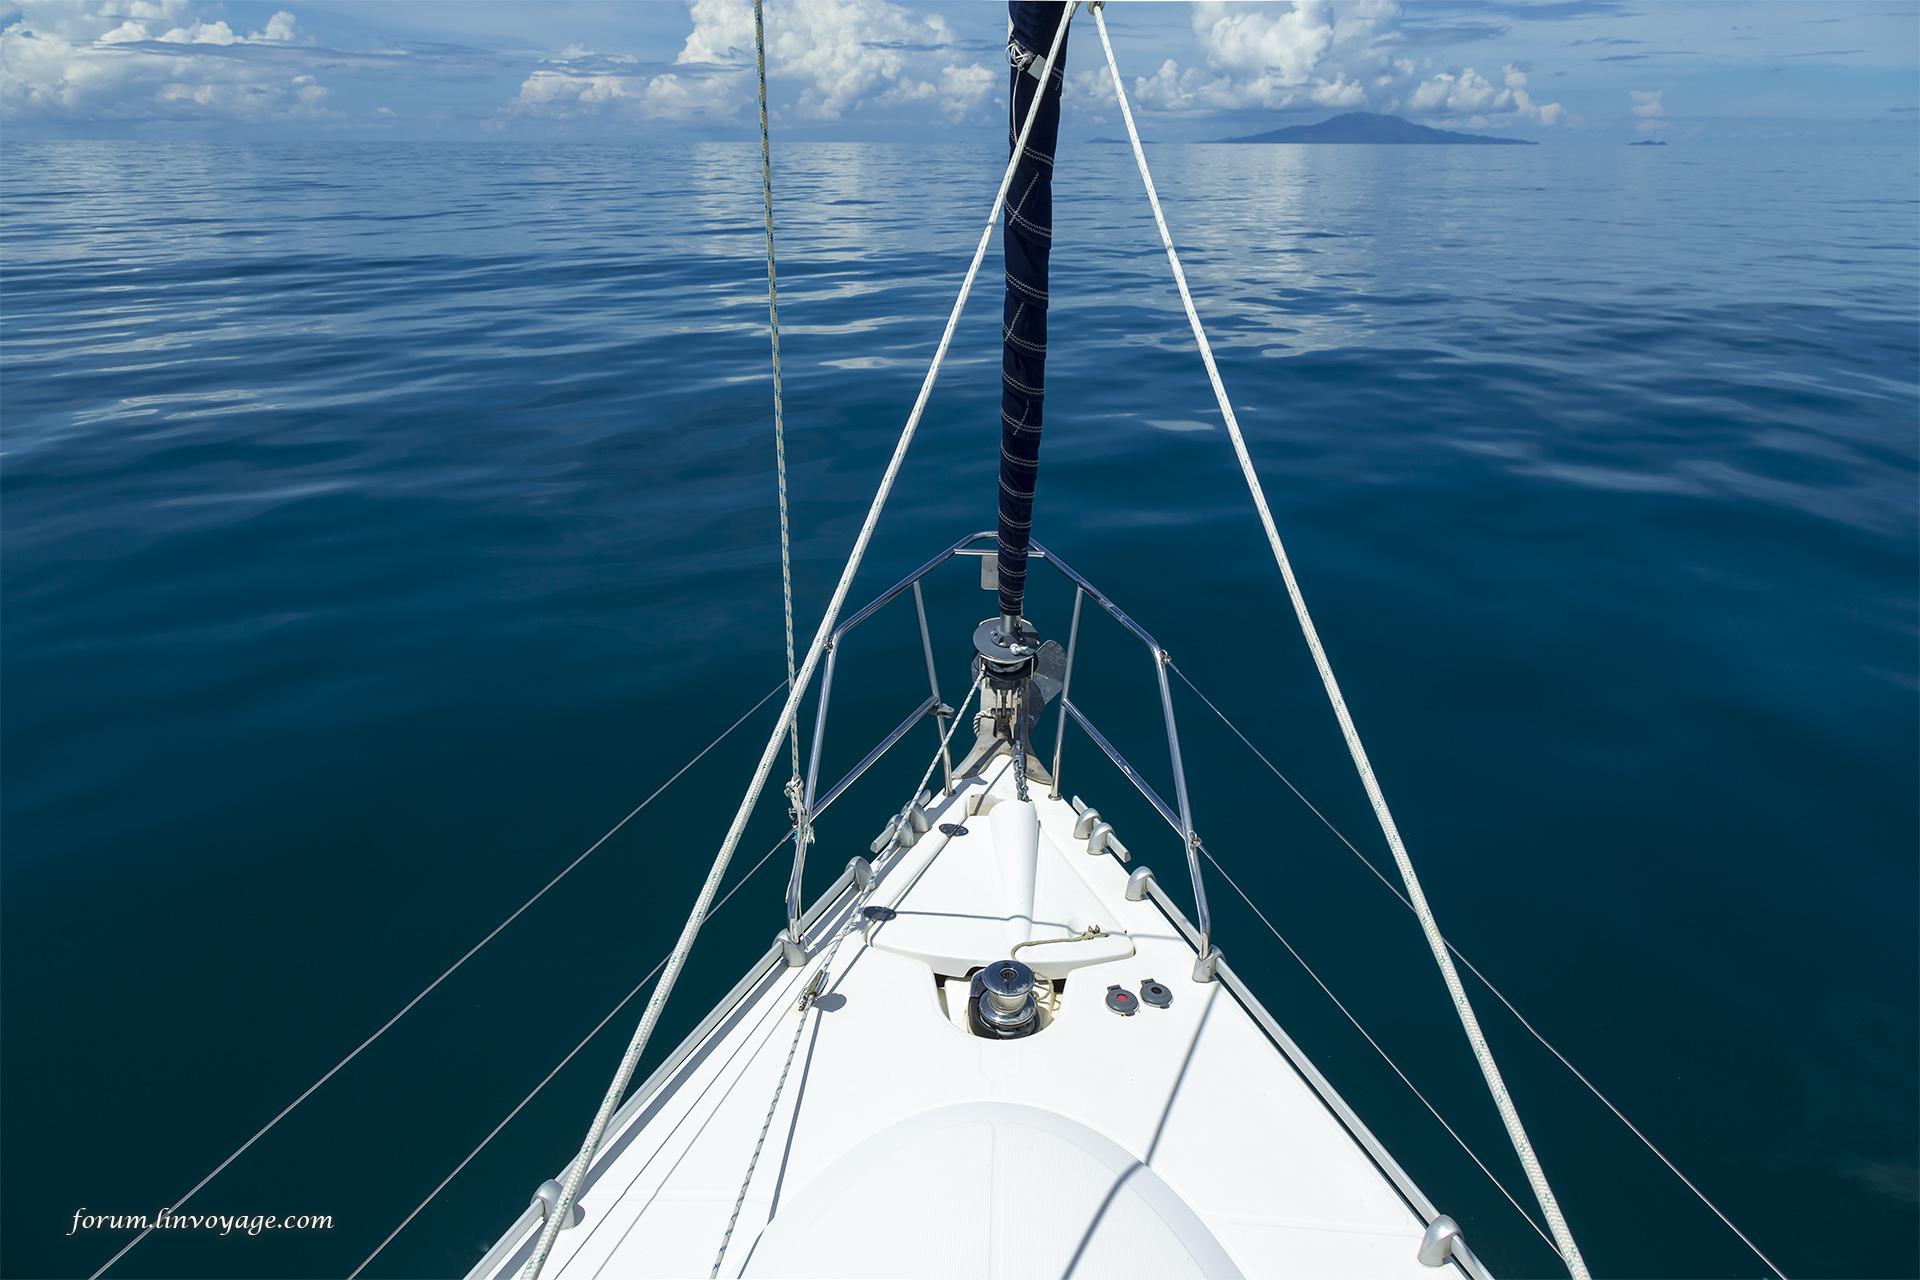 Wallpaper Sports Boat Sailing Ship Sea Vehicle Fish Indian